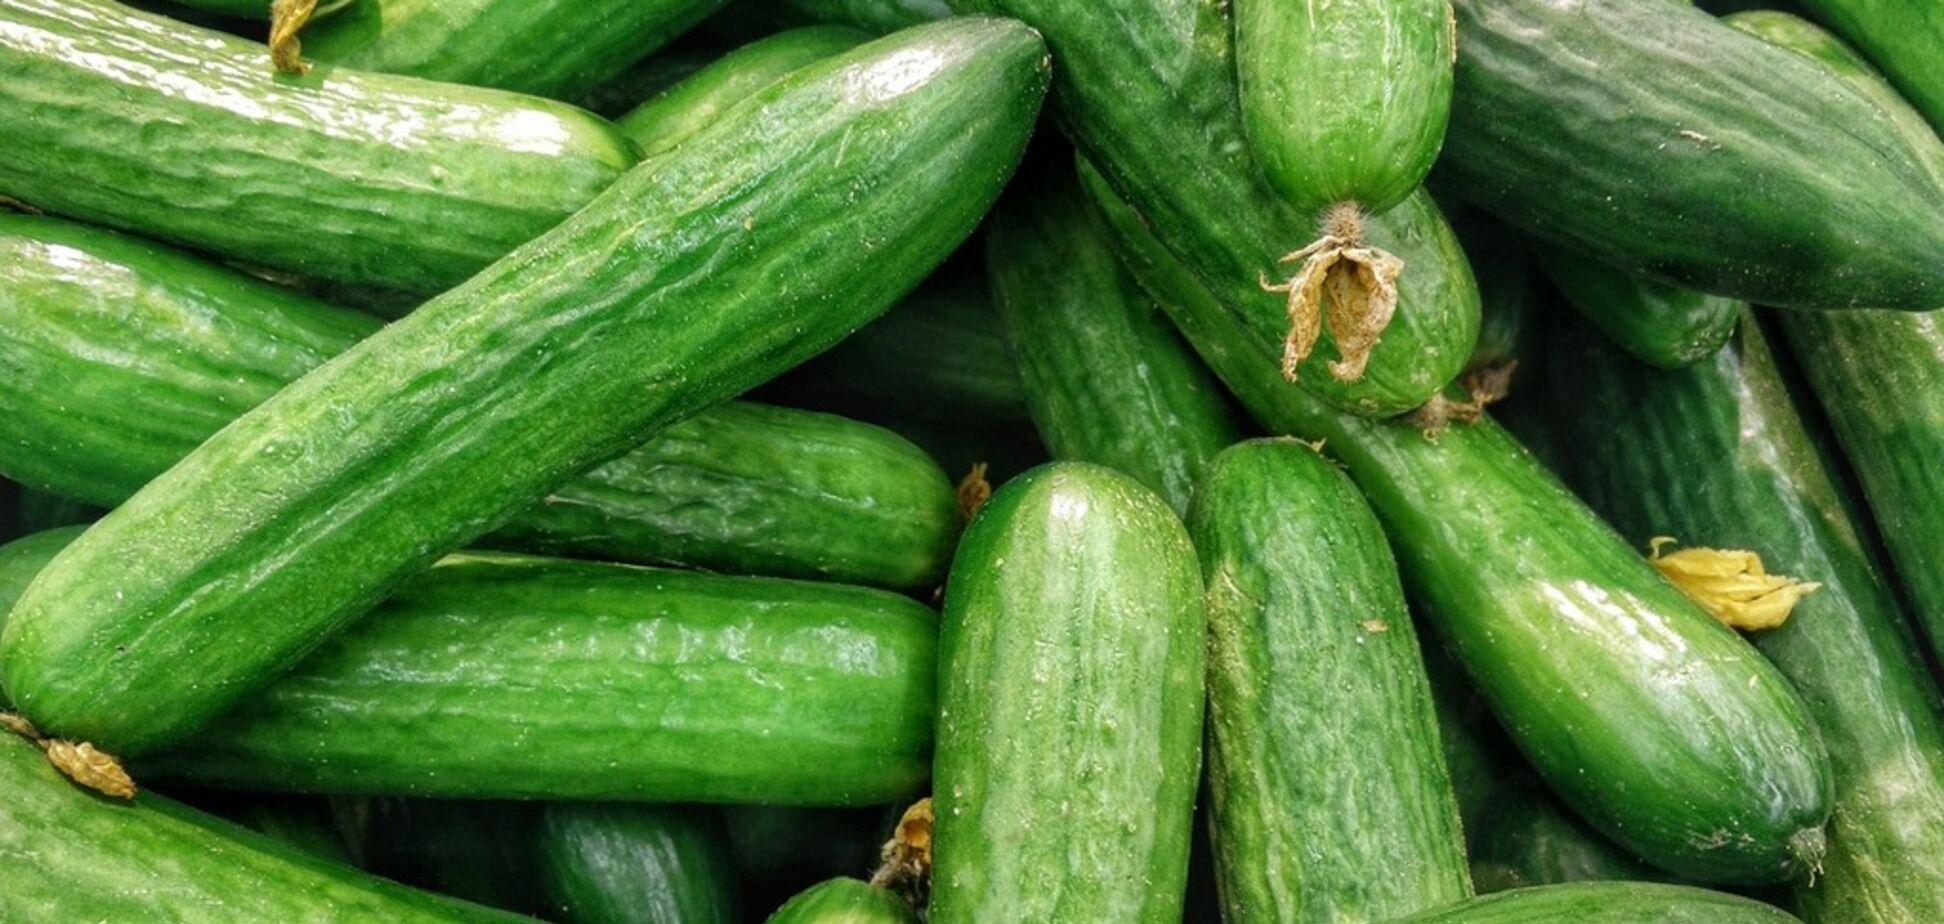 П'ять рецептів страв з огірків, які не залишать байдужими ваших рідних